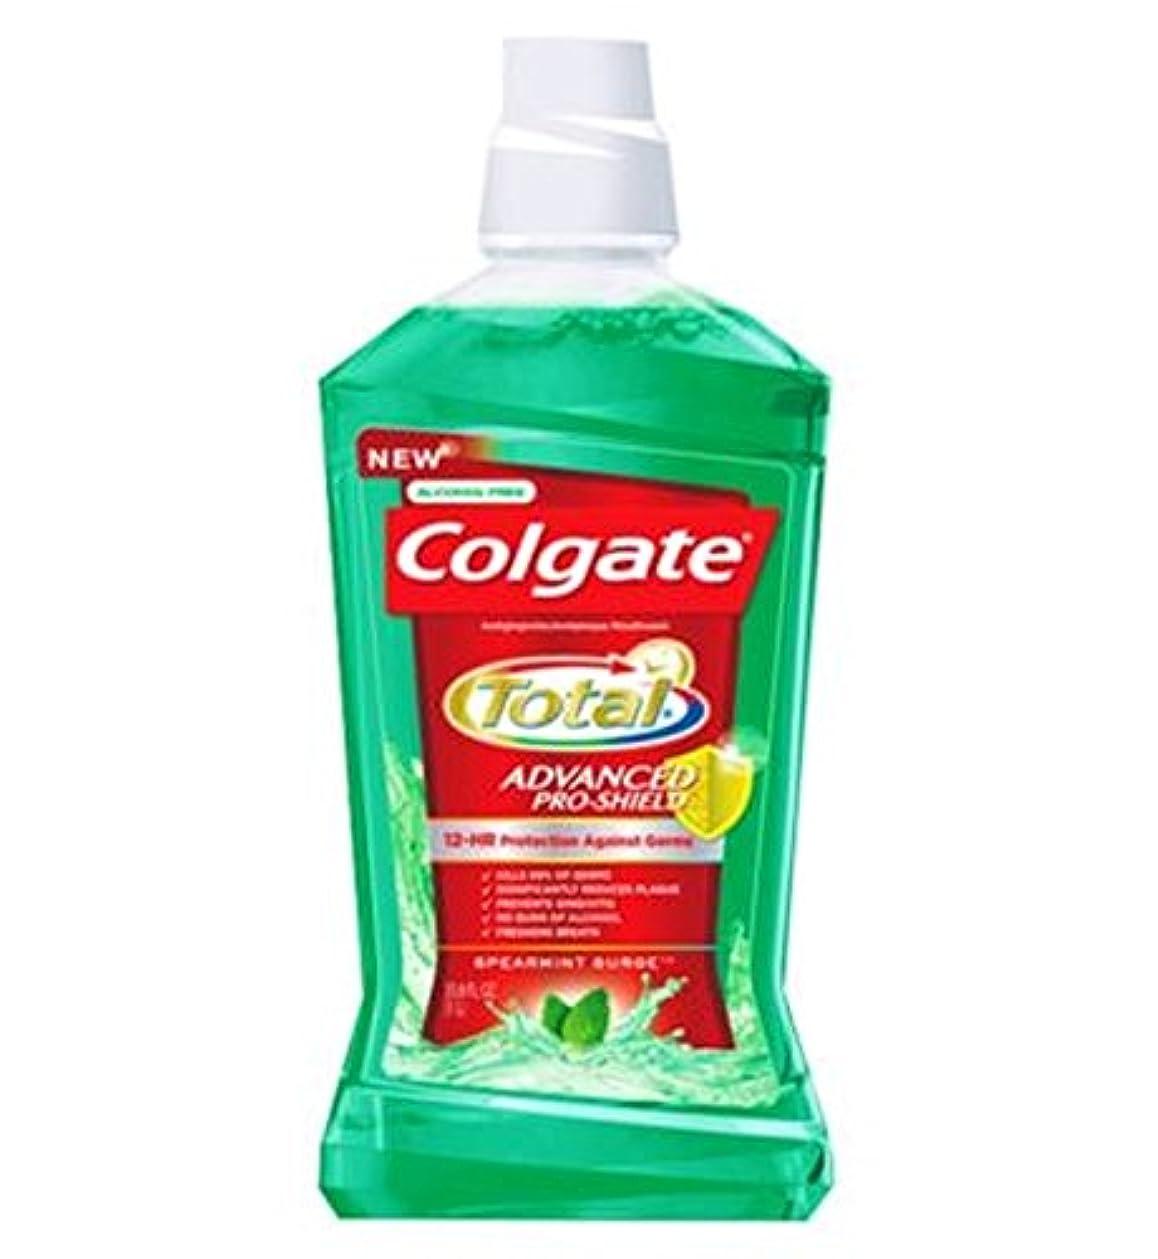 タンカー返還ギャップColgate Mouthrinse Total Green 500ml - コルゲートの口内洗浄剤の合計緑500ミリリットル (Colgate) [並行輸入品]